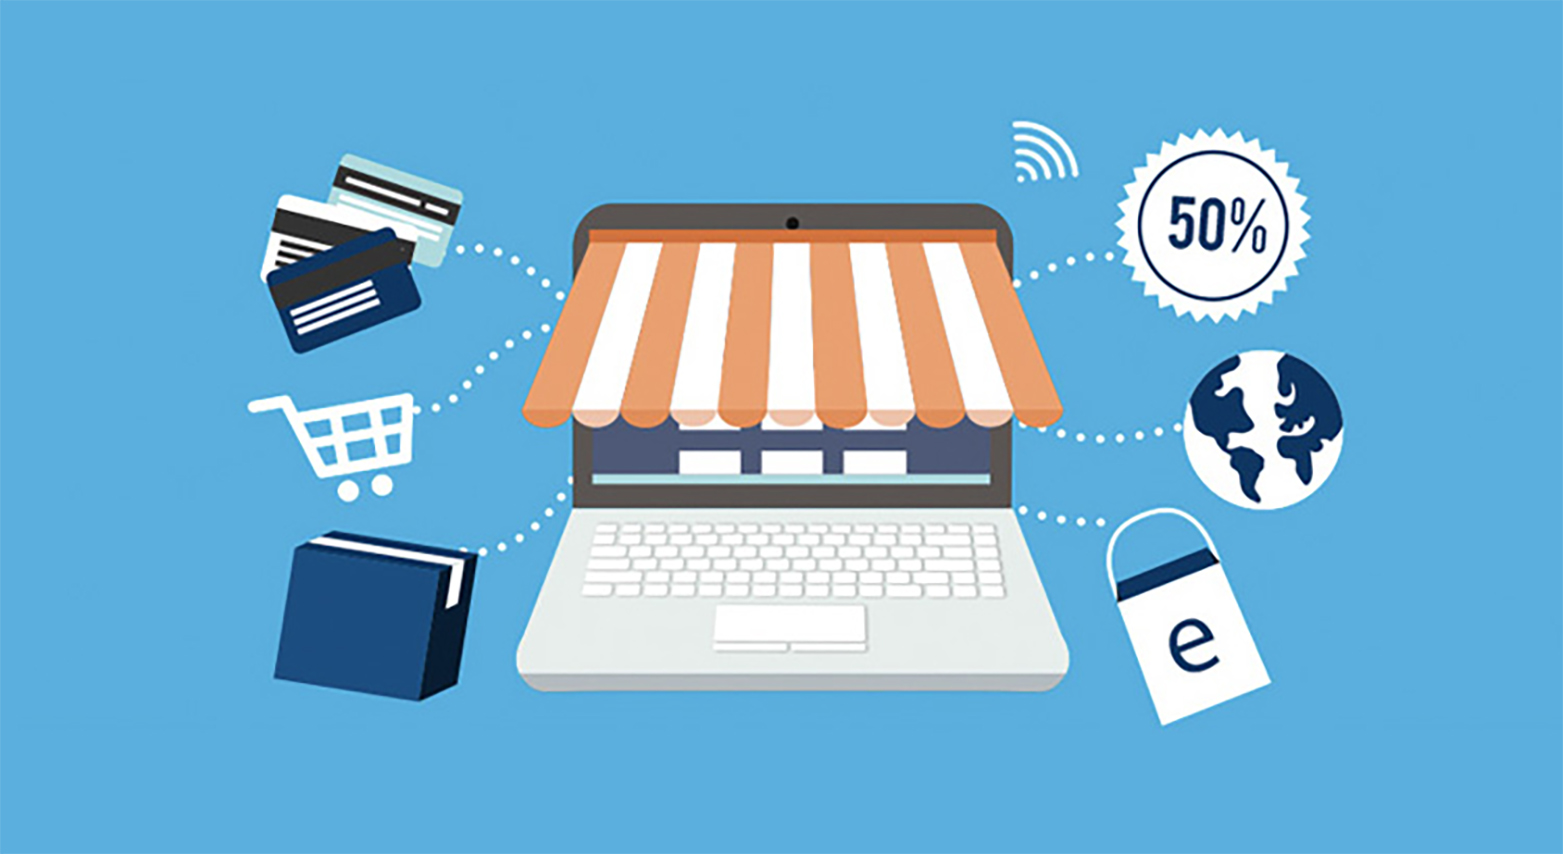 Lý do nên khai thác tối đa Marketplace ngay bây giờ?